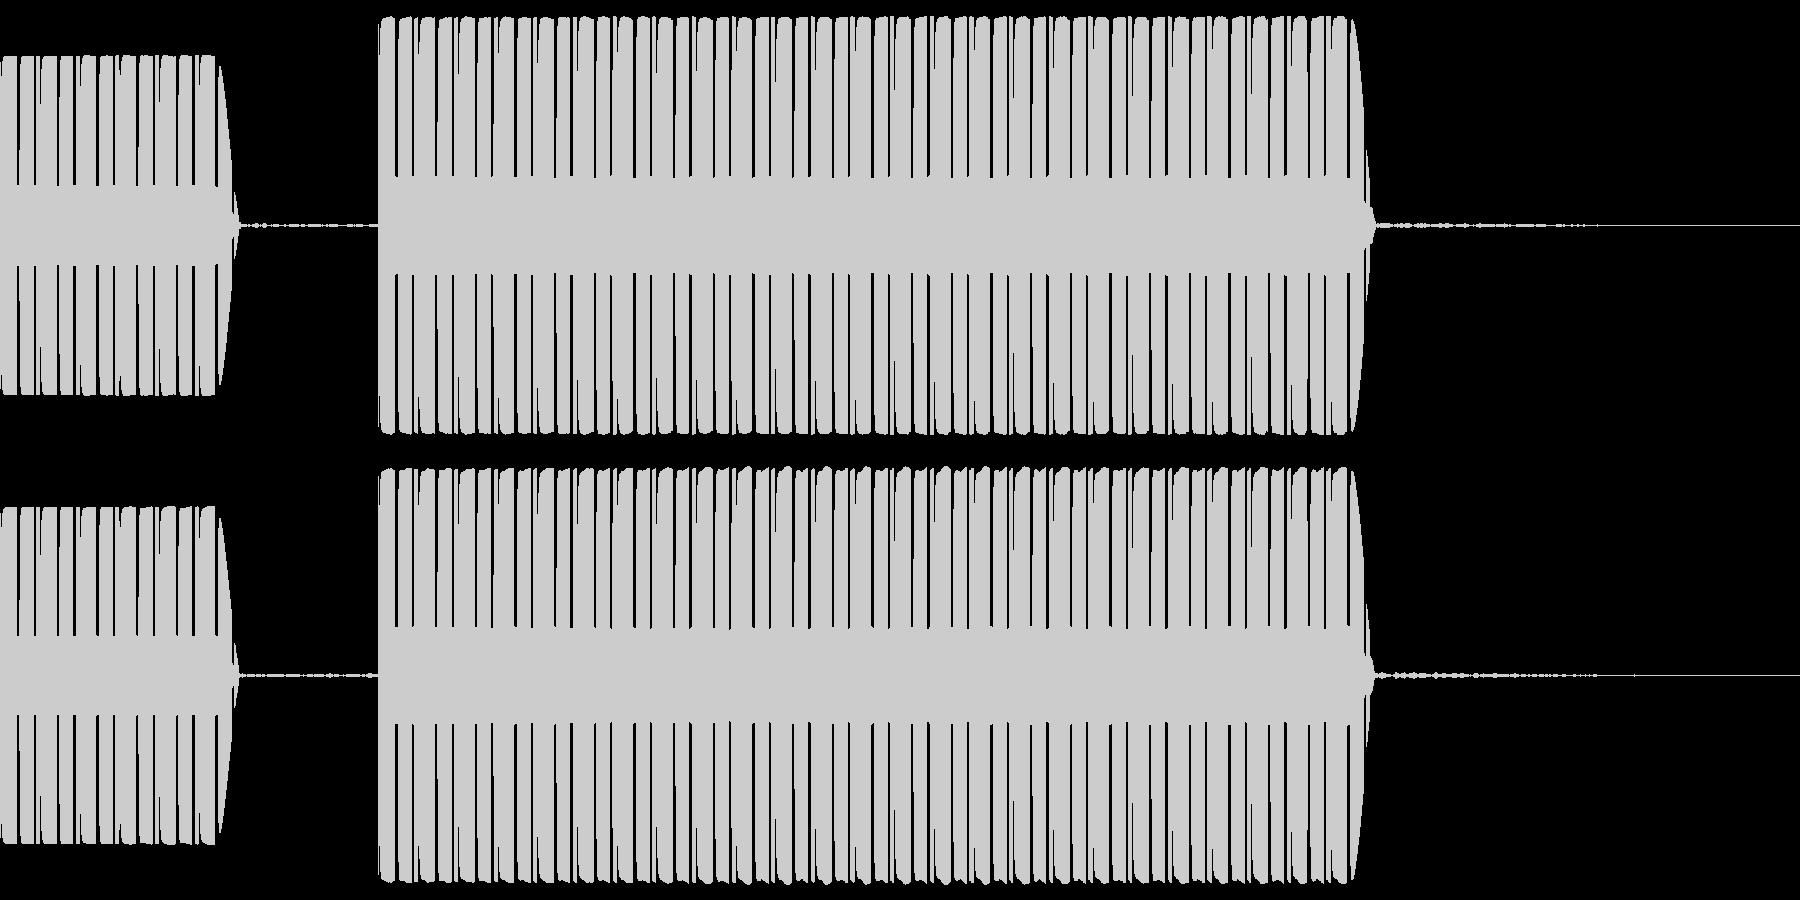 不正解音 ブッブー  (スタンダード)の未再生の波形